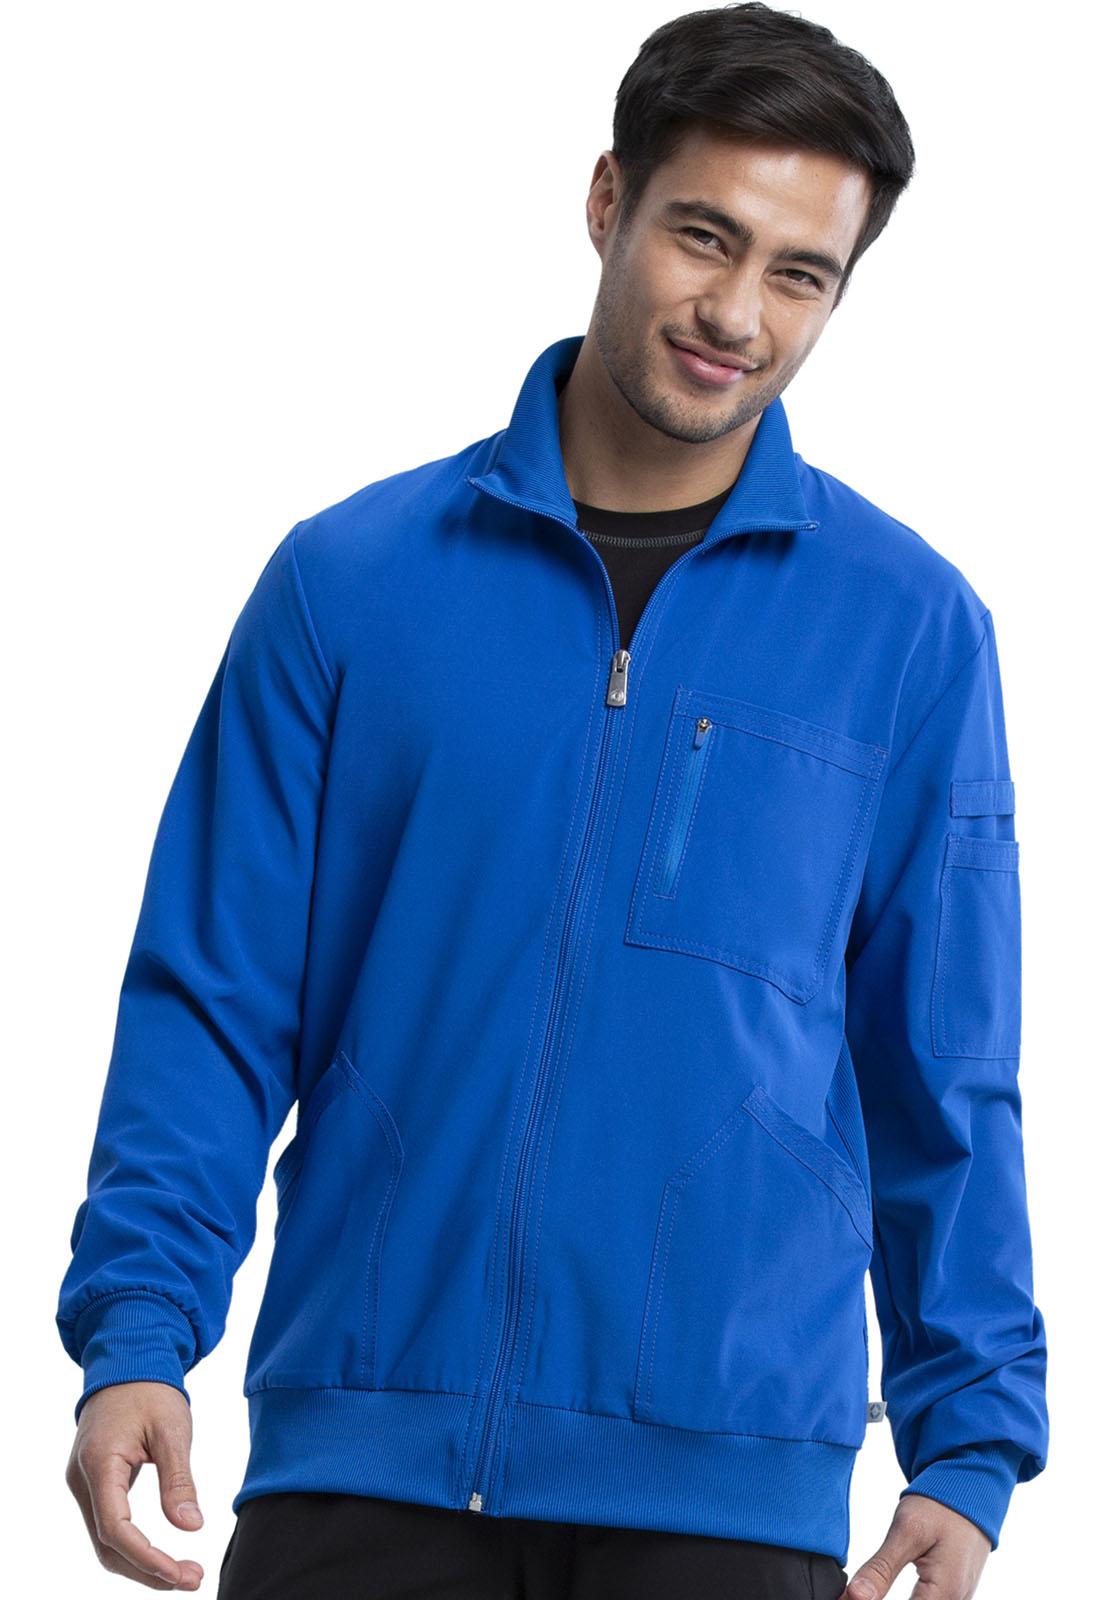 4b536873c06 Infinity Men's Zip Front Jacket in Royal CK305A-RYPS from Cherokee ...